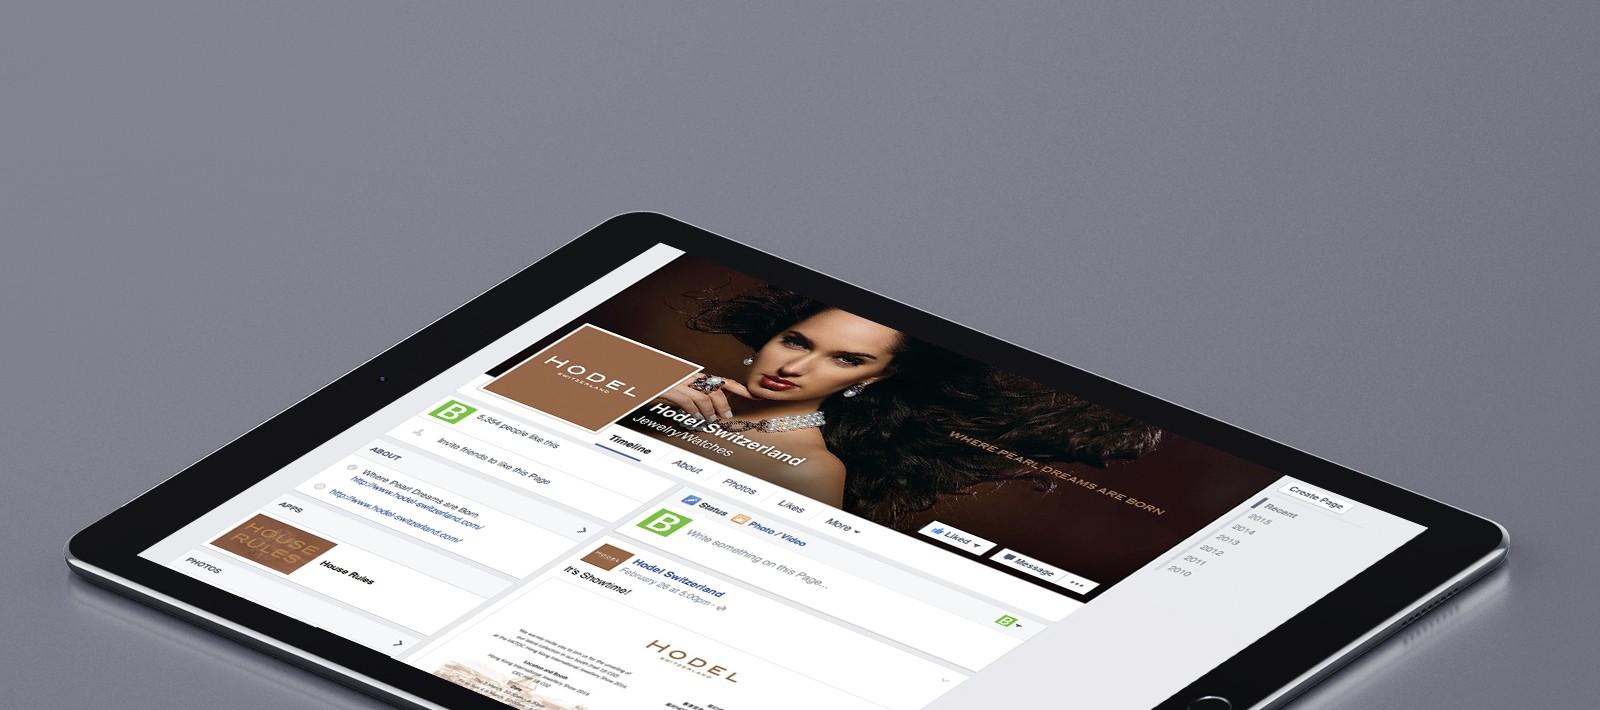 Hodel-jewellery-social-media-marketing-2